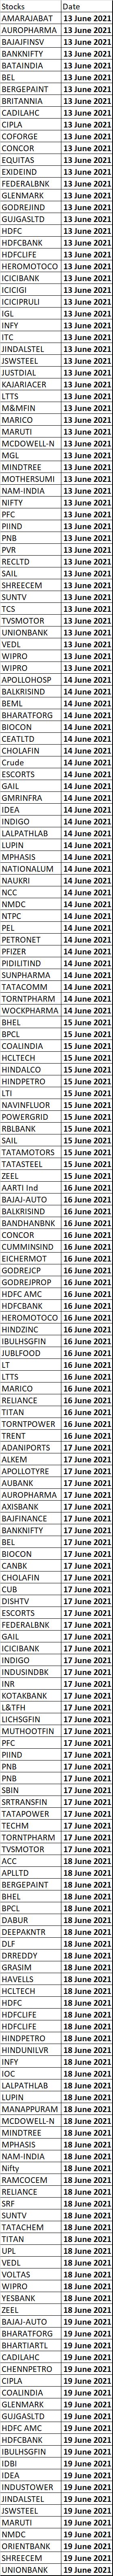 Gann Stock Screener for F&O Stocks June-21